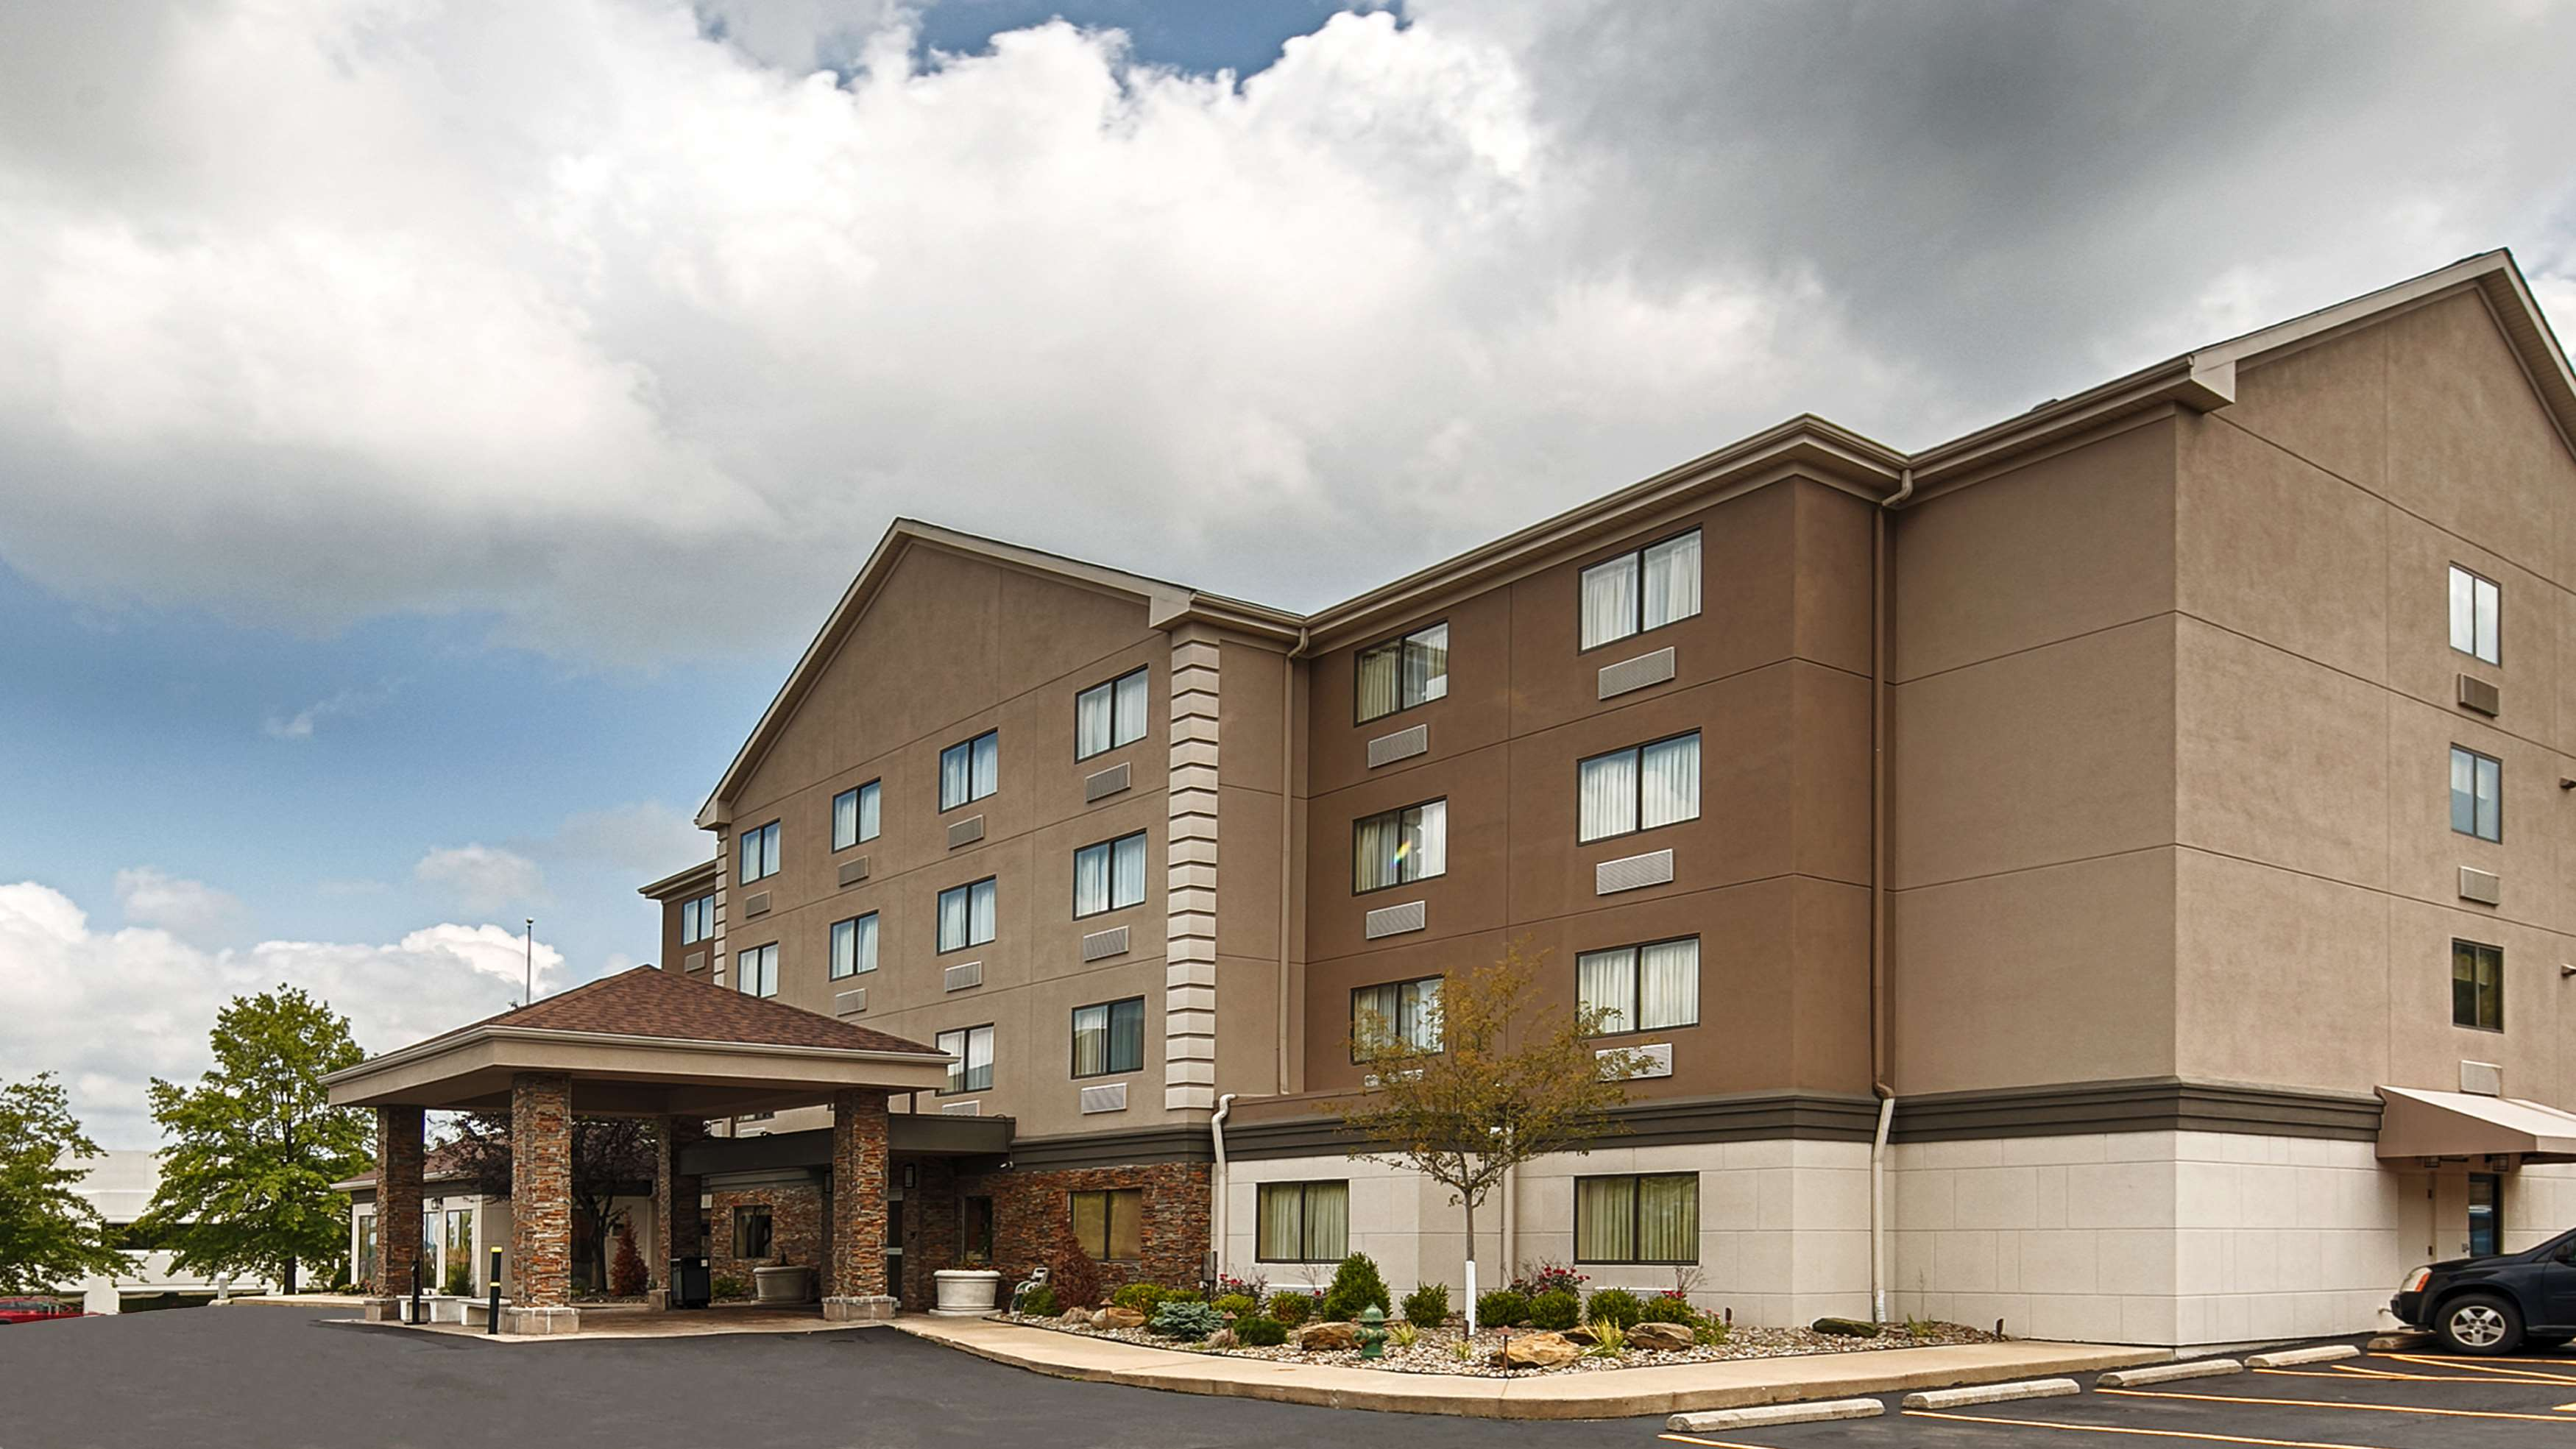 Best Western Plus West Akron Inn & Suites